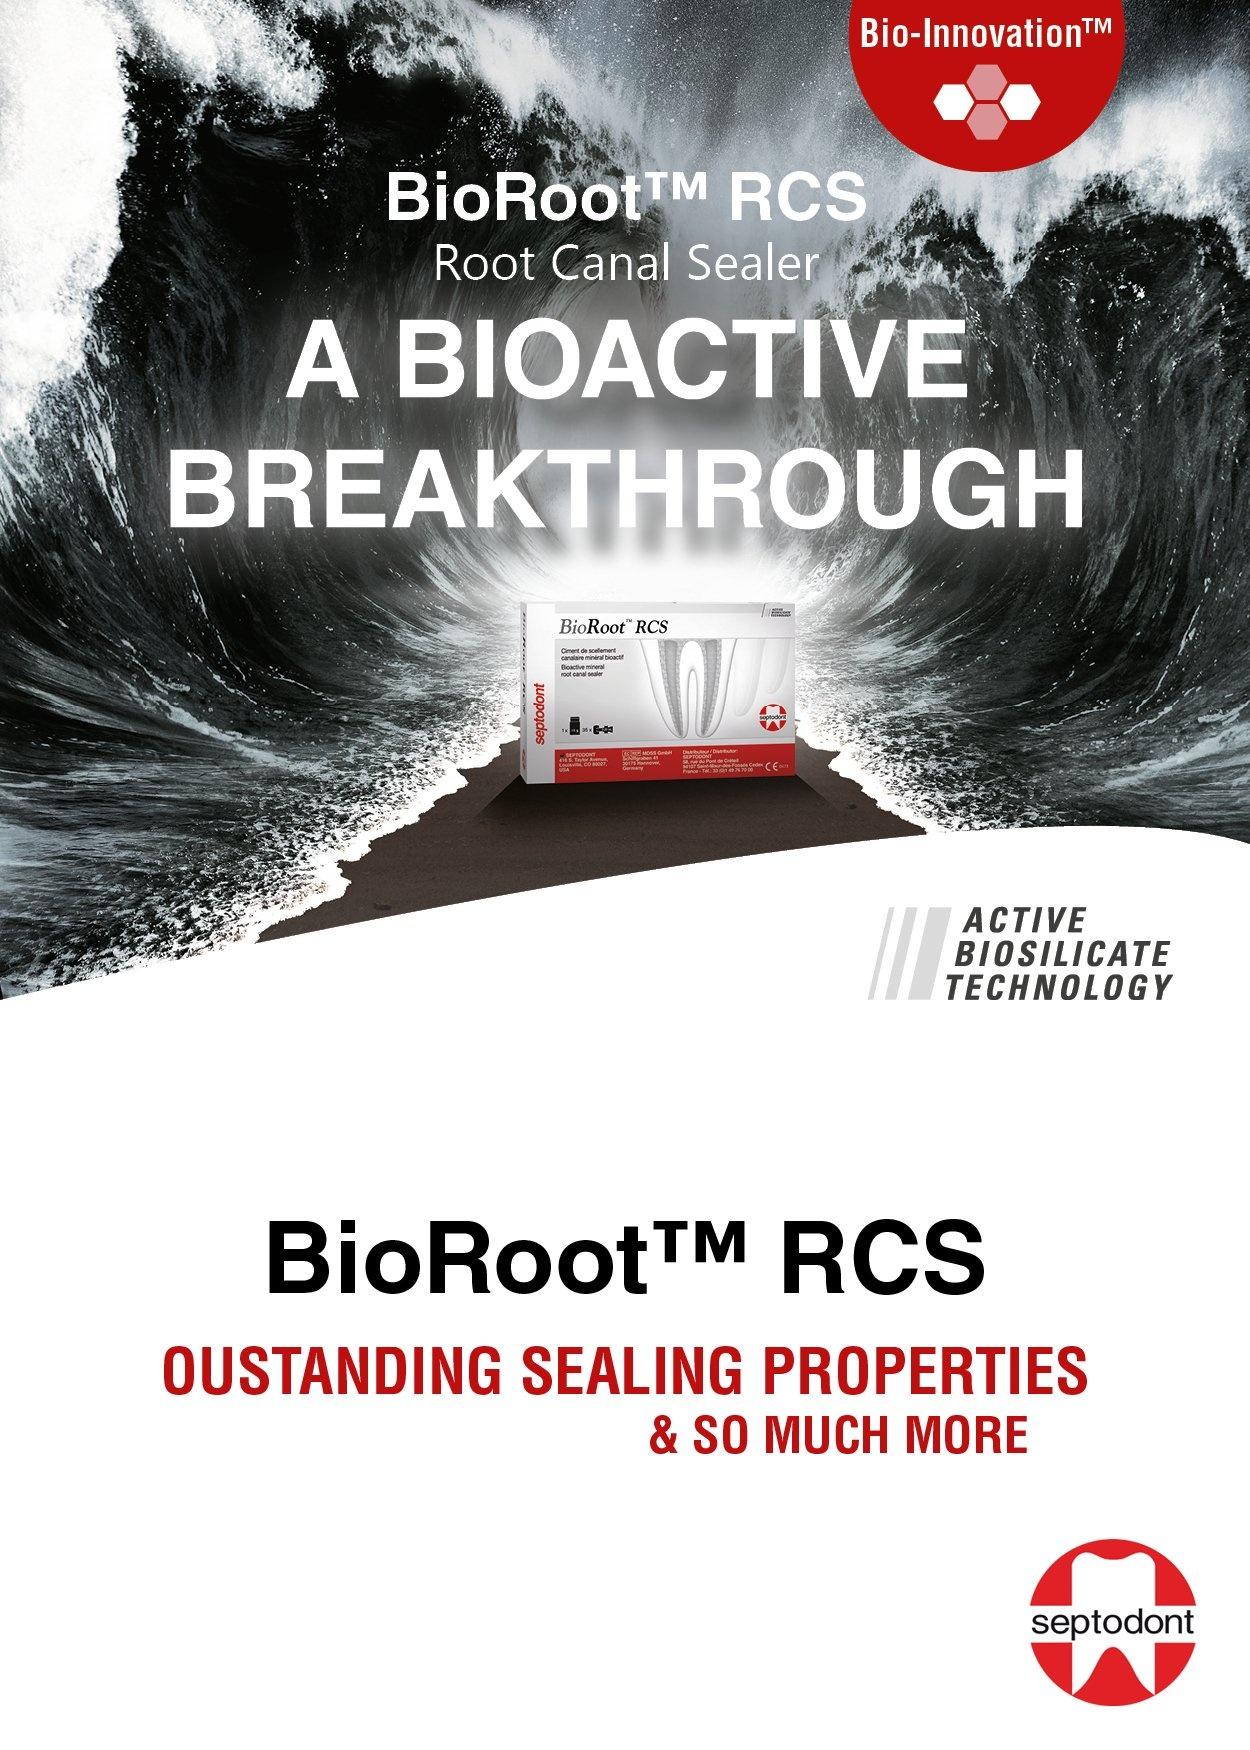 BioRoot Brochure Canada